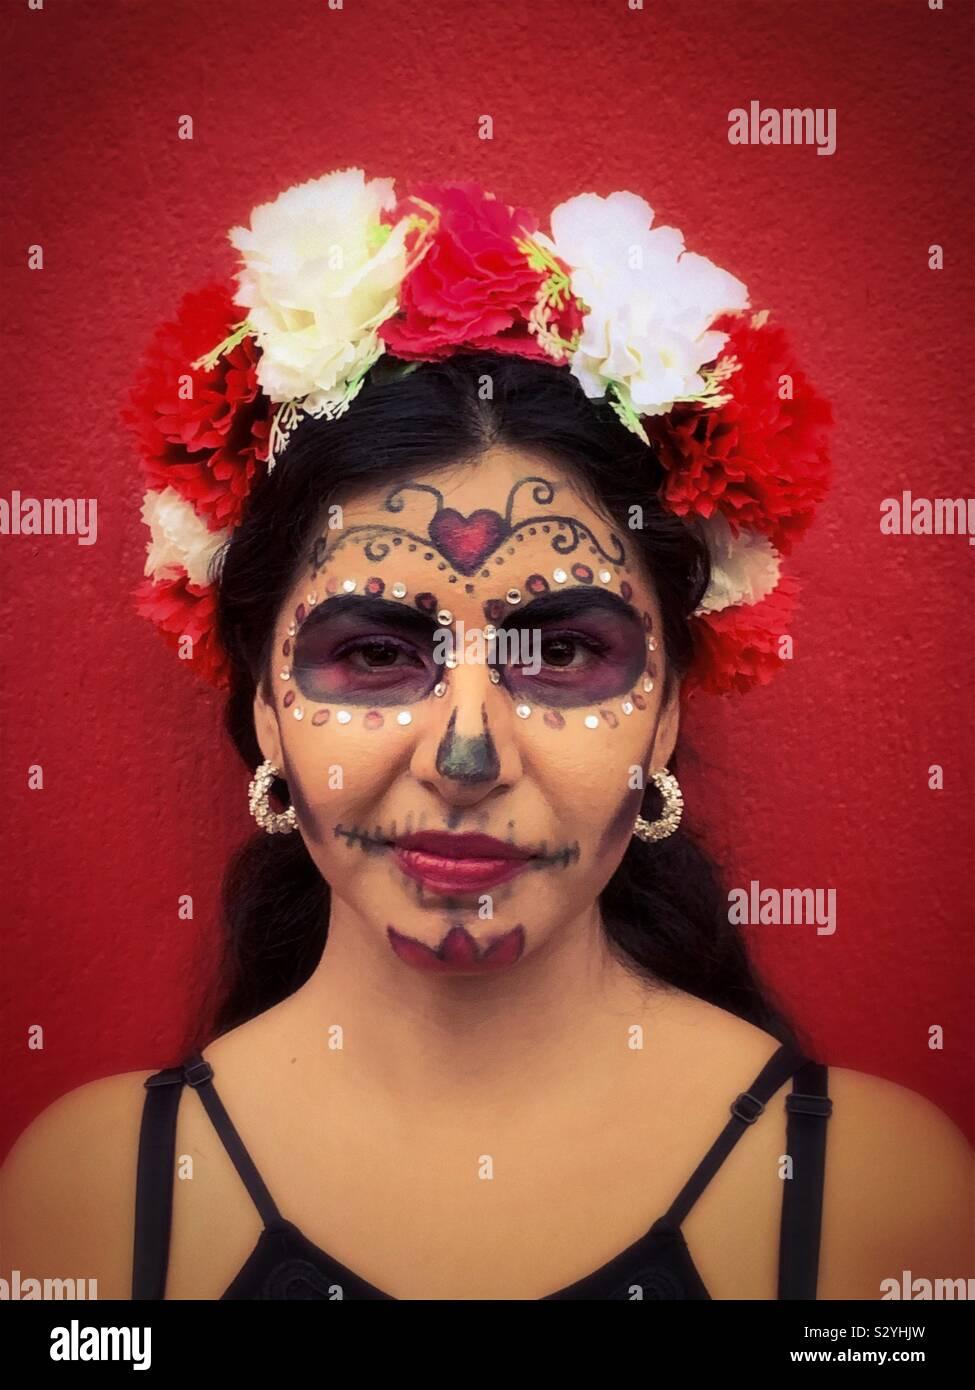 Una mujer joven con la cara pintada como una catrina vestidos para una fiesta de Halloween en Ajijic, México. Foto de stock